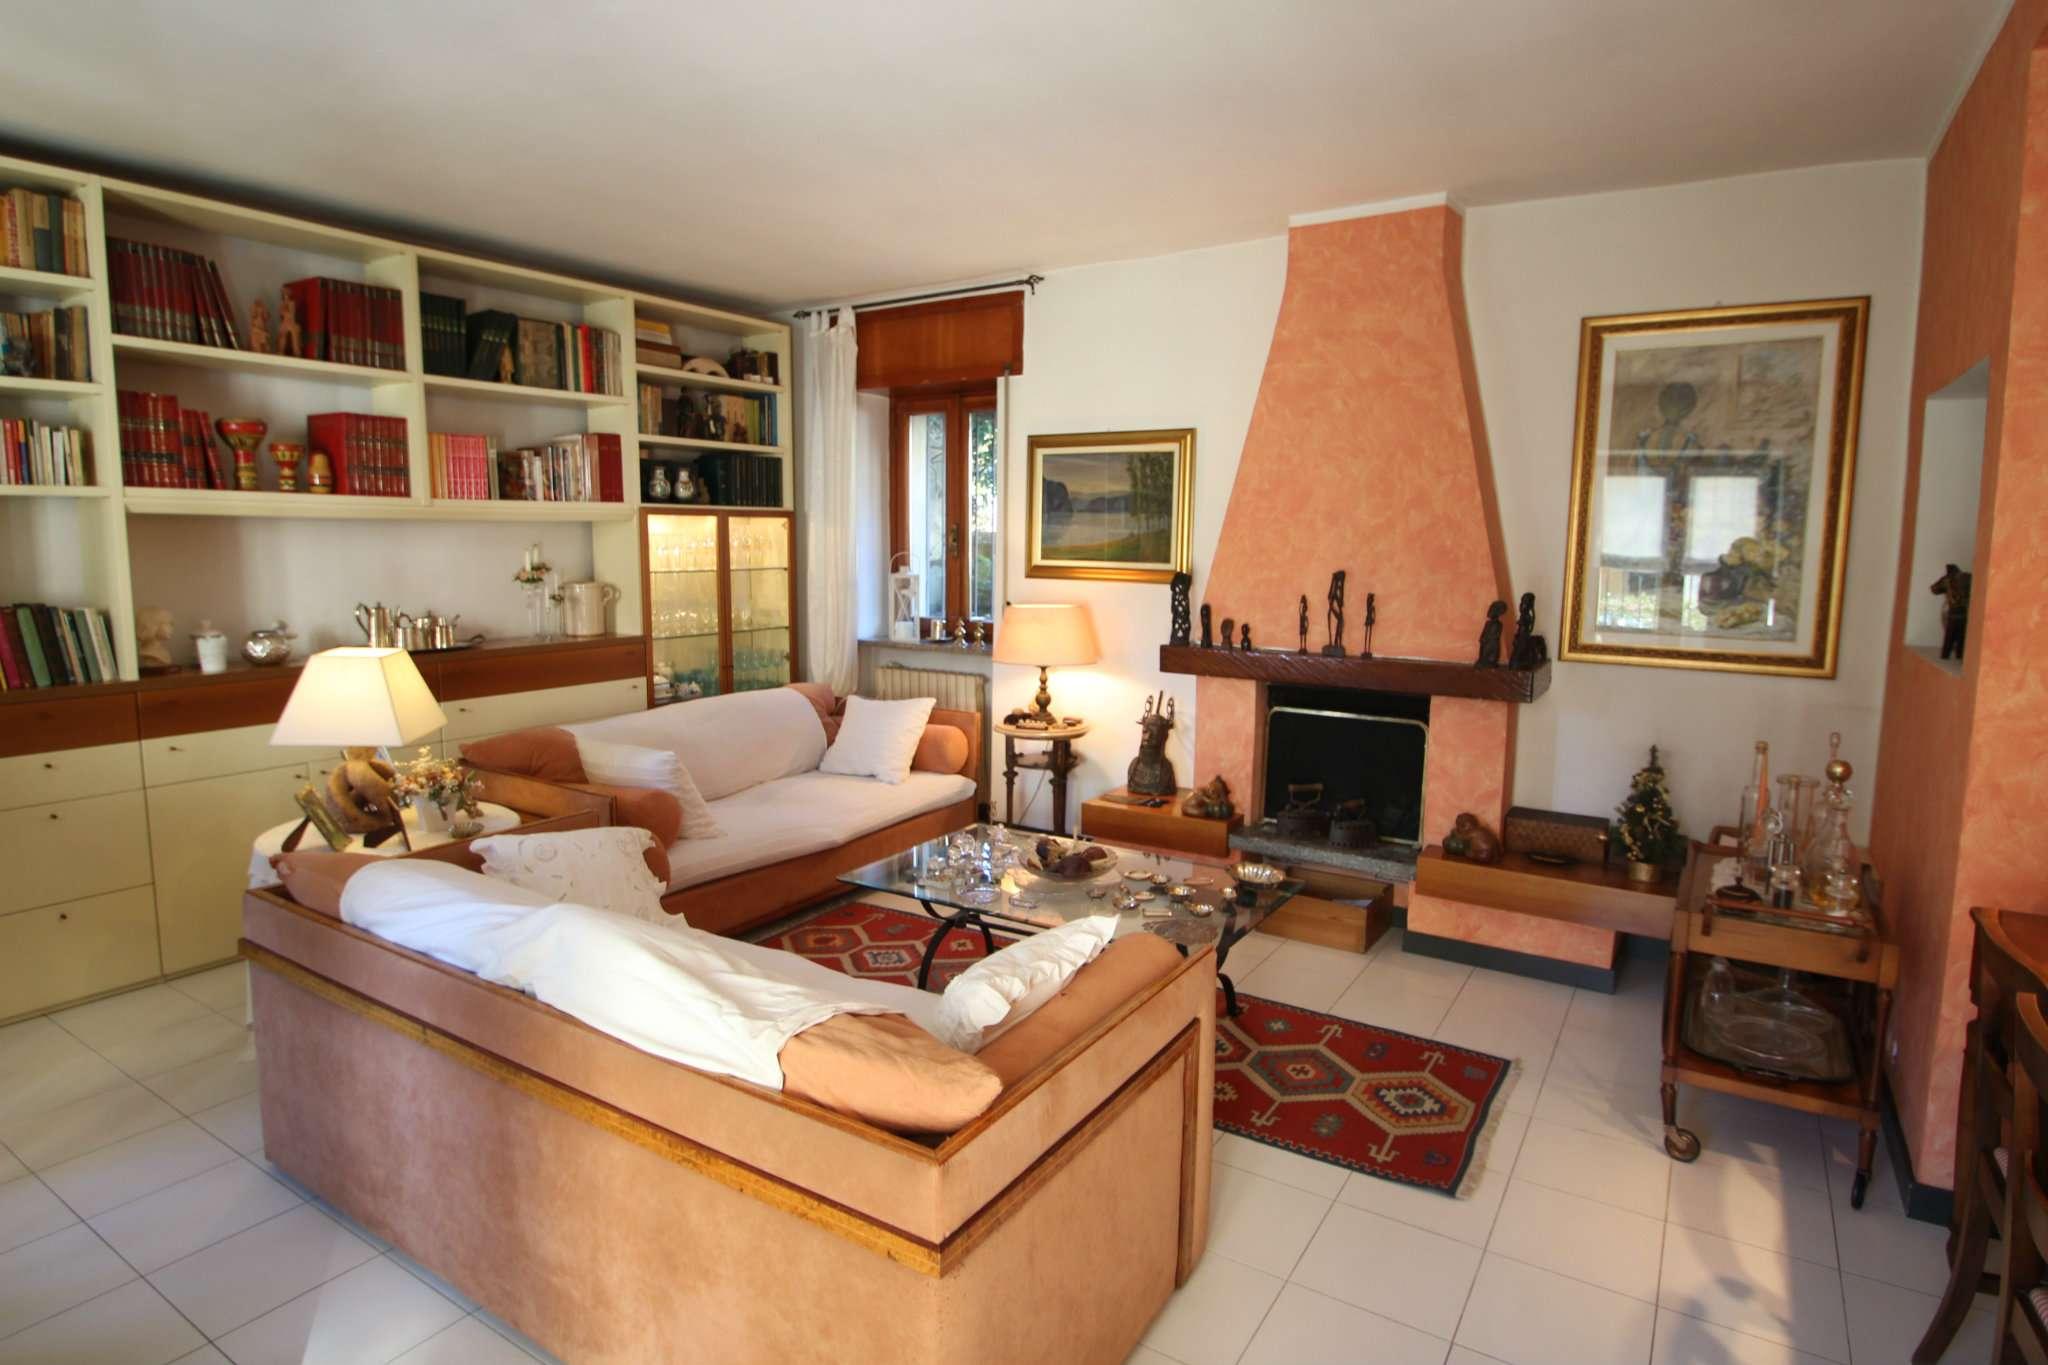 Appartamento in vendita a Brembate di Sopra, 2 locali, prezzo € 127.000 | CambioCasa.it